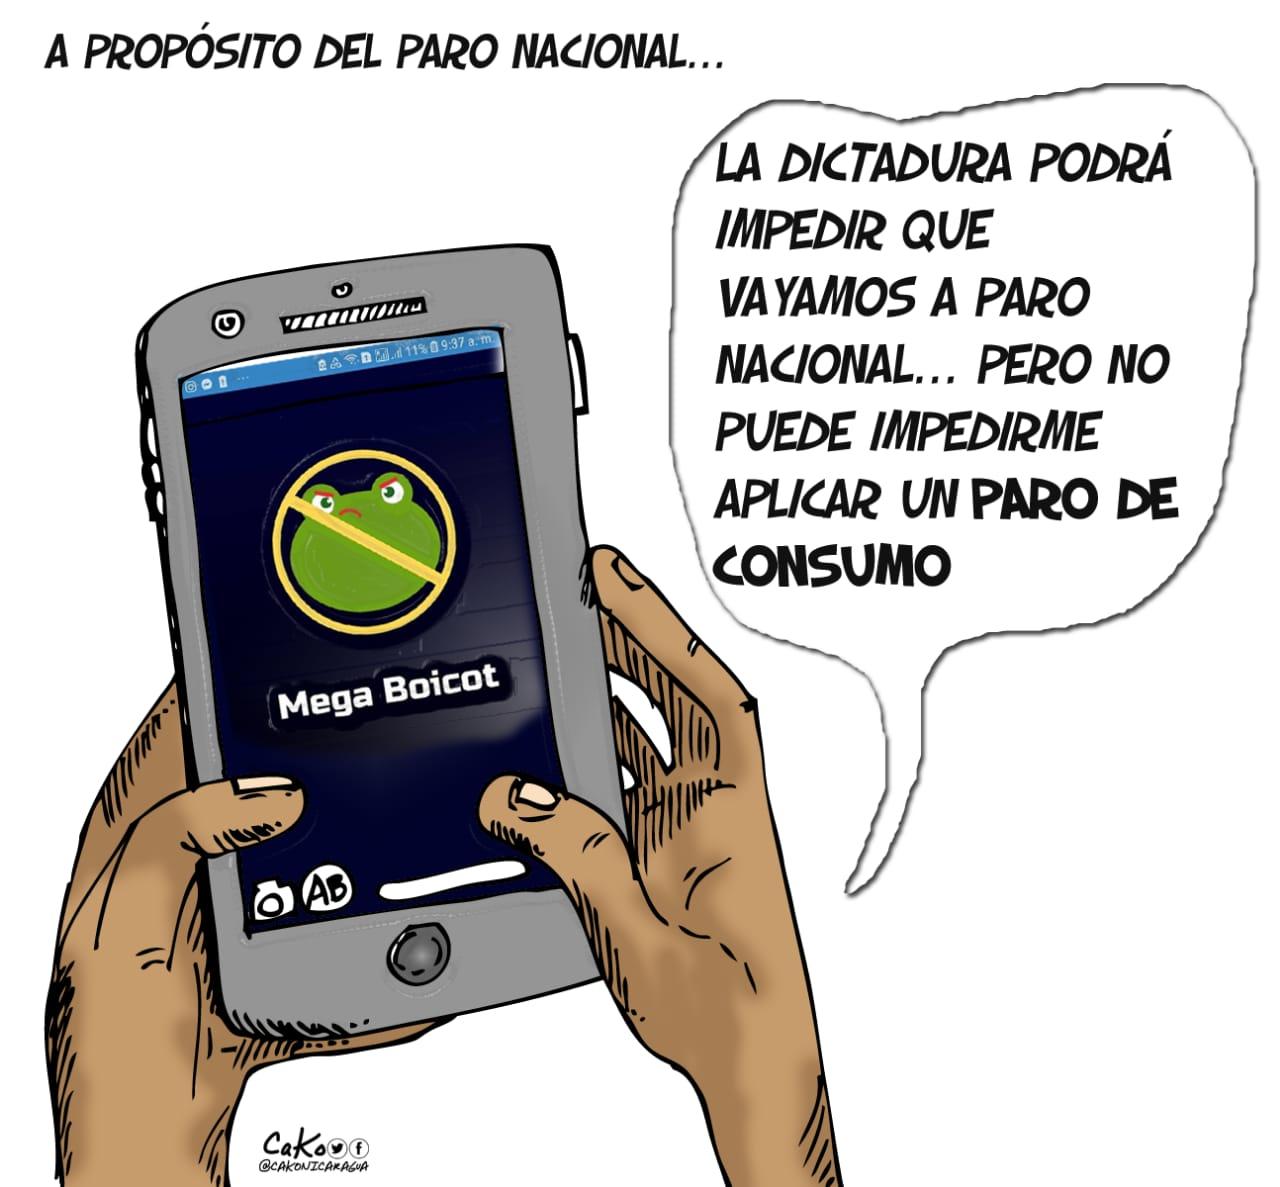 La Caricatura: Megaboicot y paro de consumo